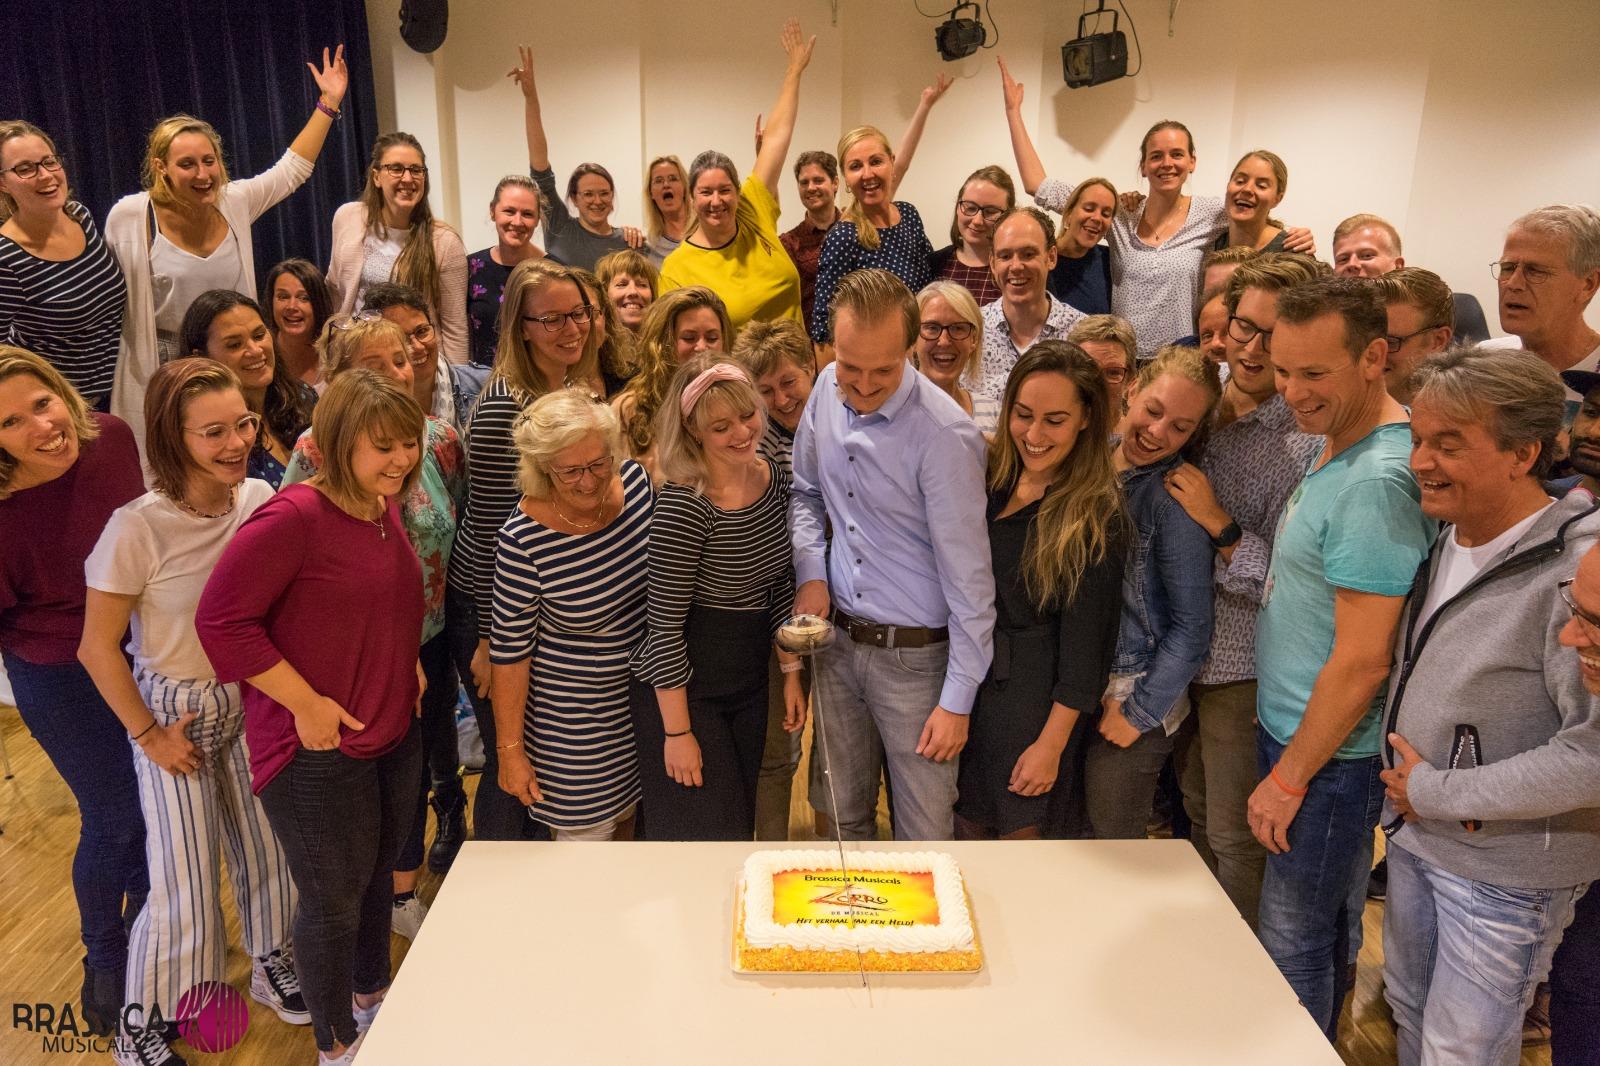 De nominatie voor de Amateur Musical Awards werd gevierd met taart. (aangeleverde foto)